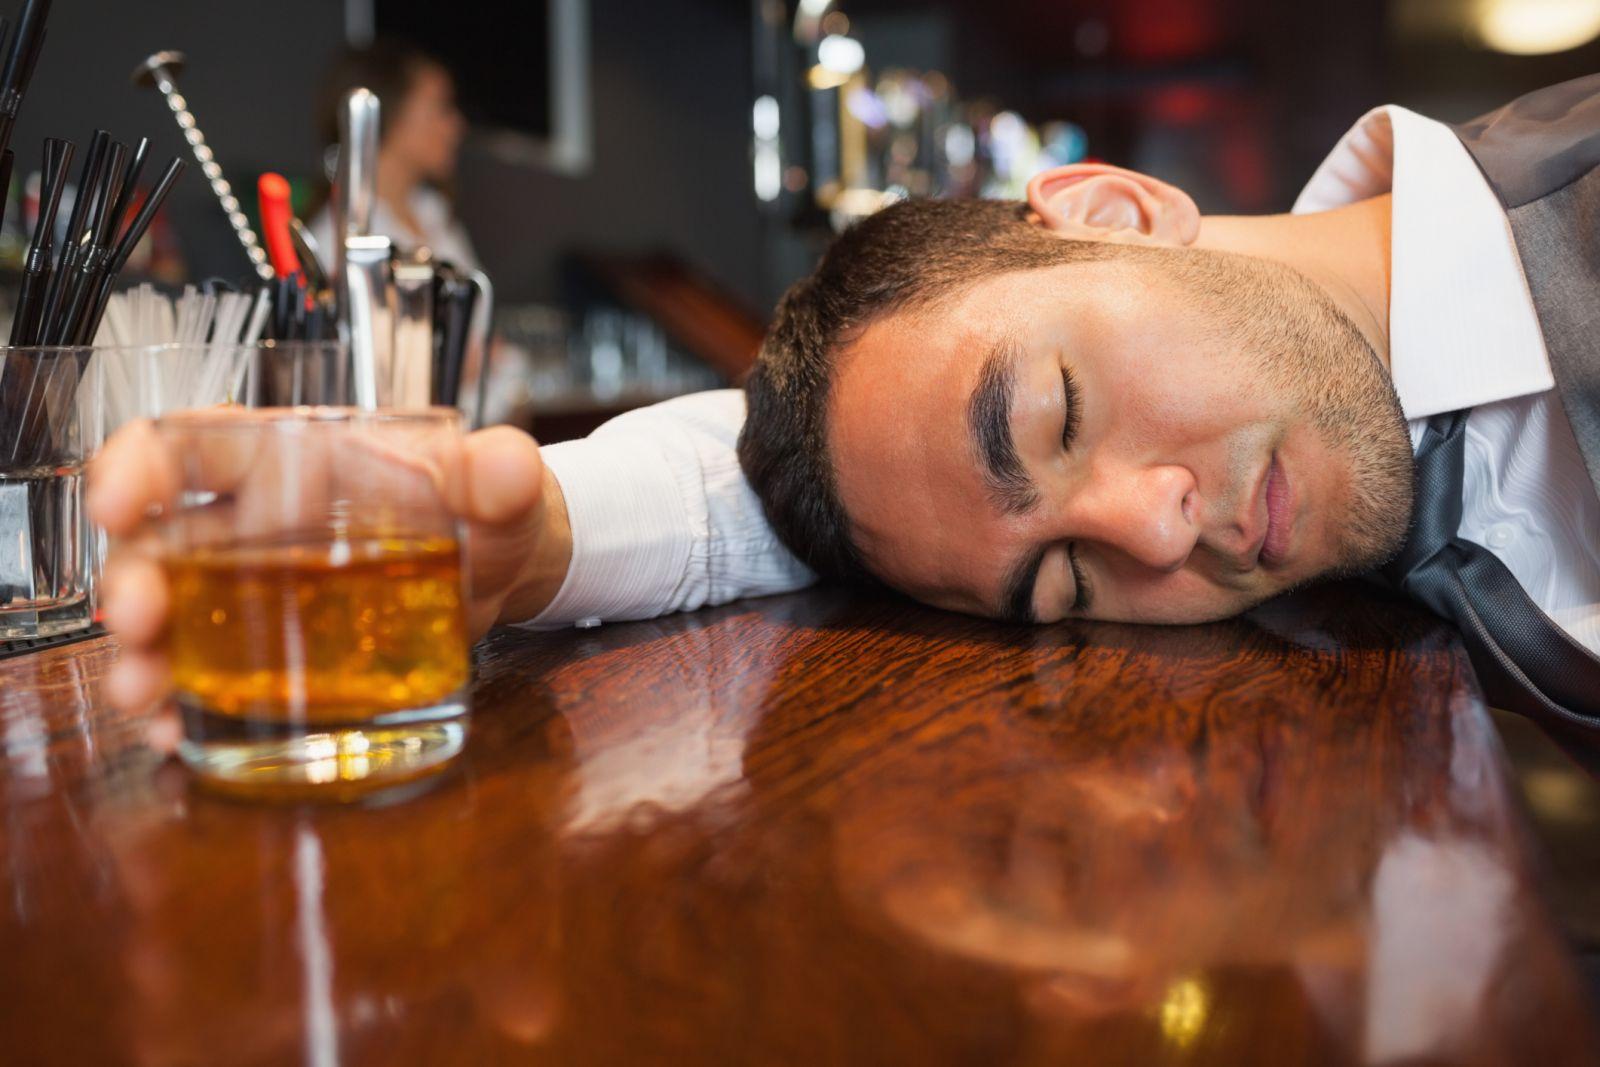 Kết quả hình ảnh cho đàn ông bợm rượu